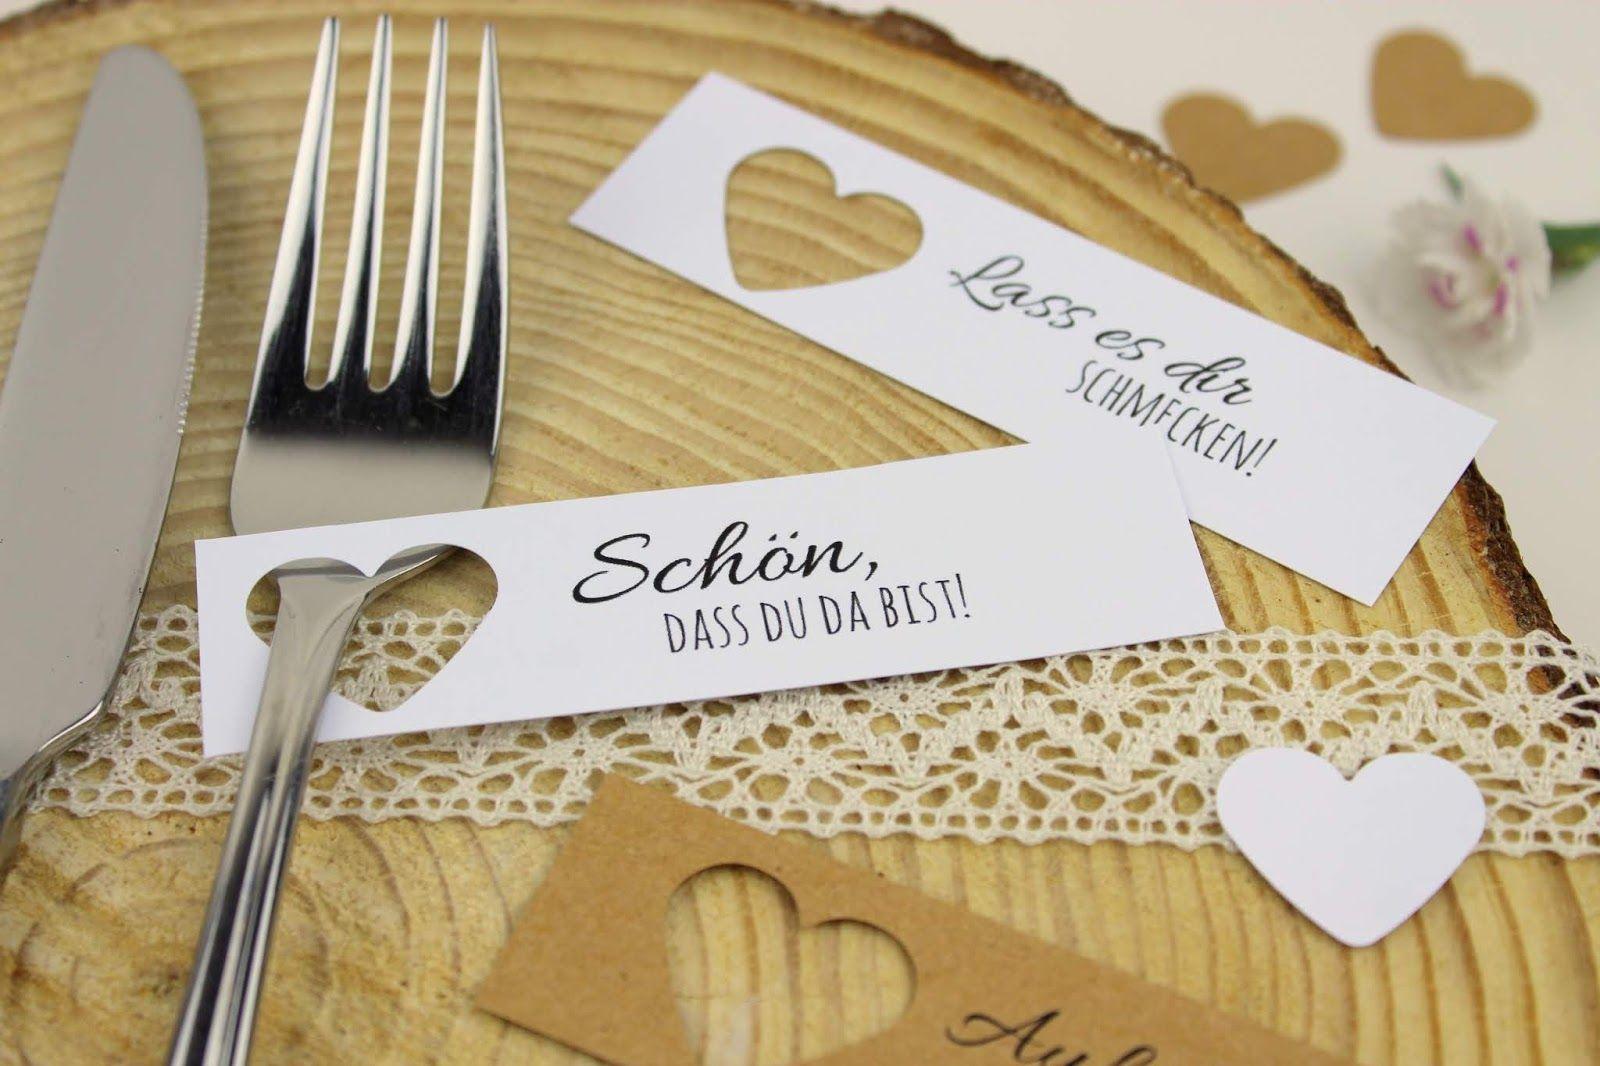 Diy Tischkarten Einfach Selber Machen Kostenlose Vorlagen Hochzeit Tischkarten Basteln Hochzeit Diy Karten Hochzeit Tischkarten Geburtstag Selber Machen